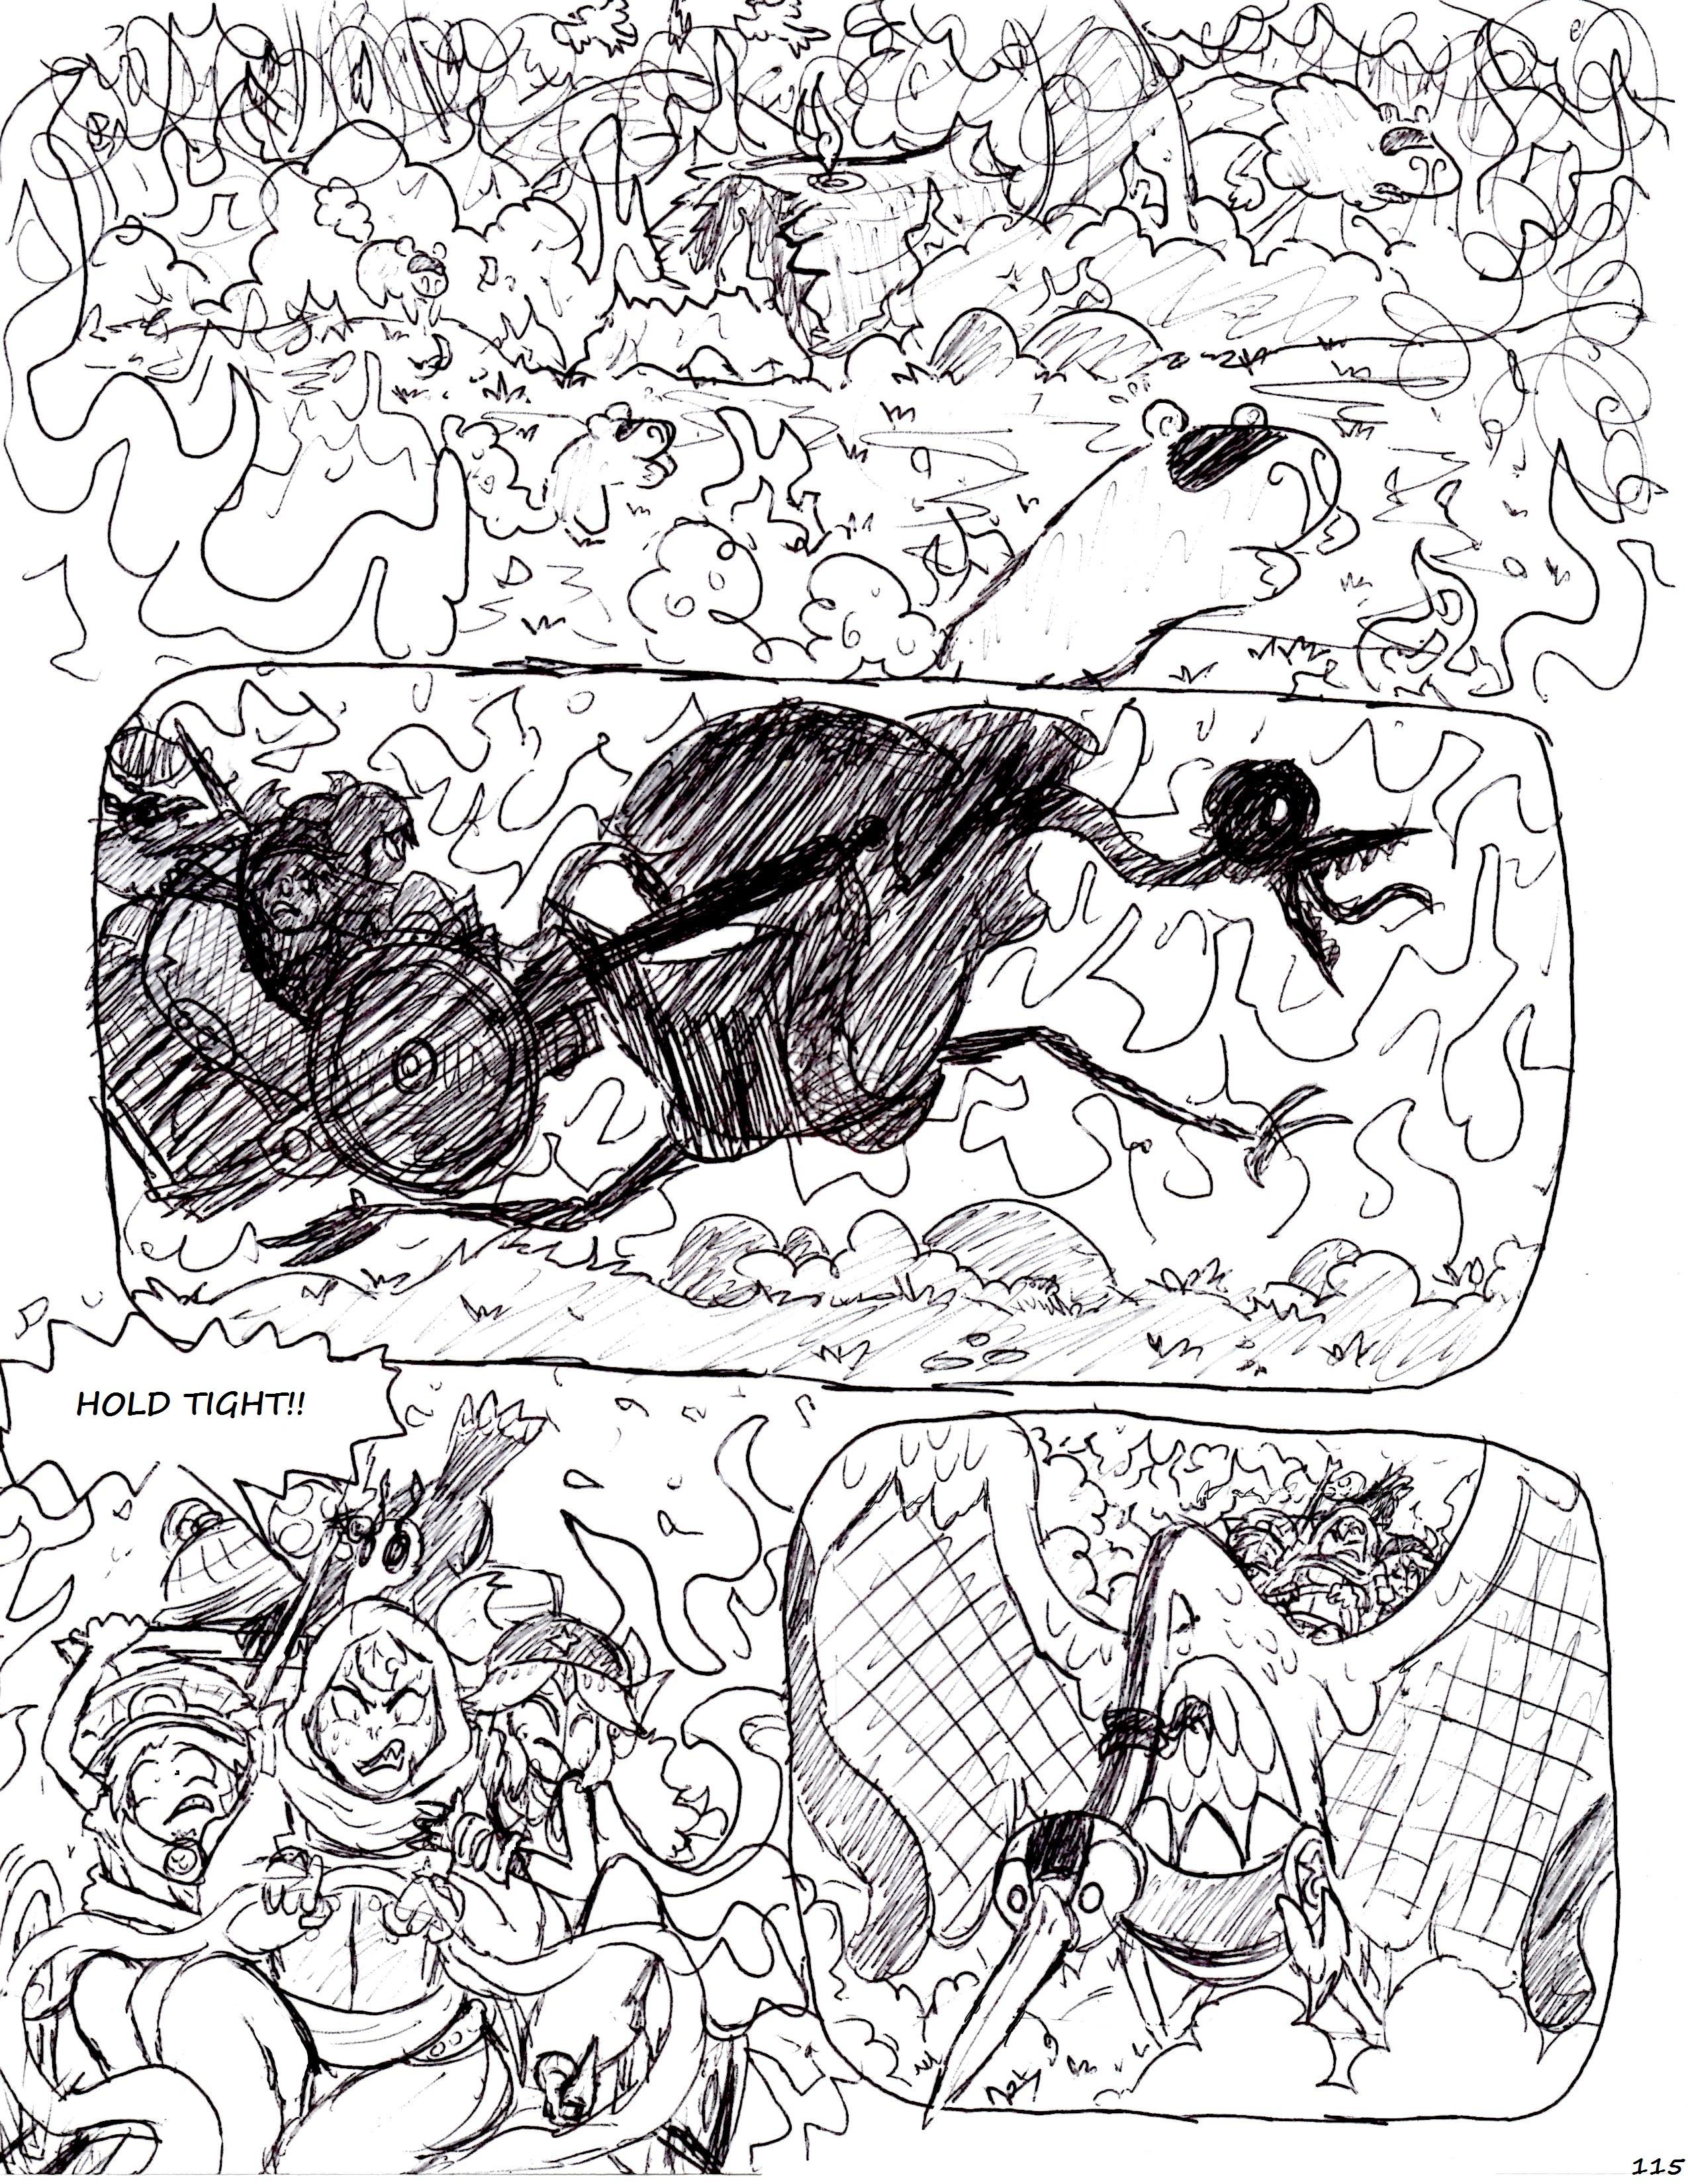 COV10 Page 115